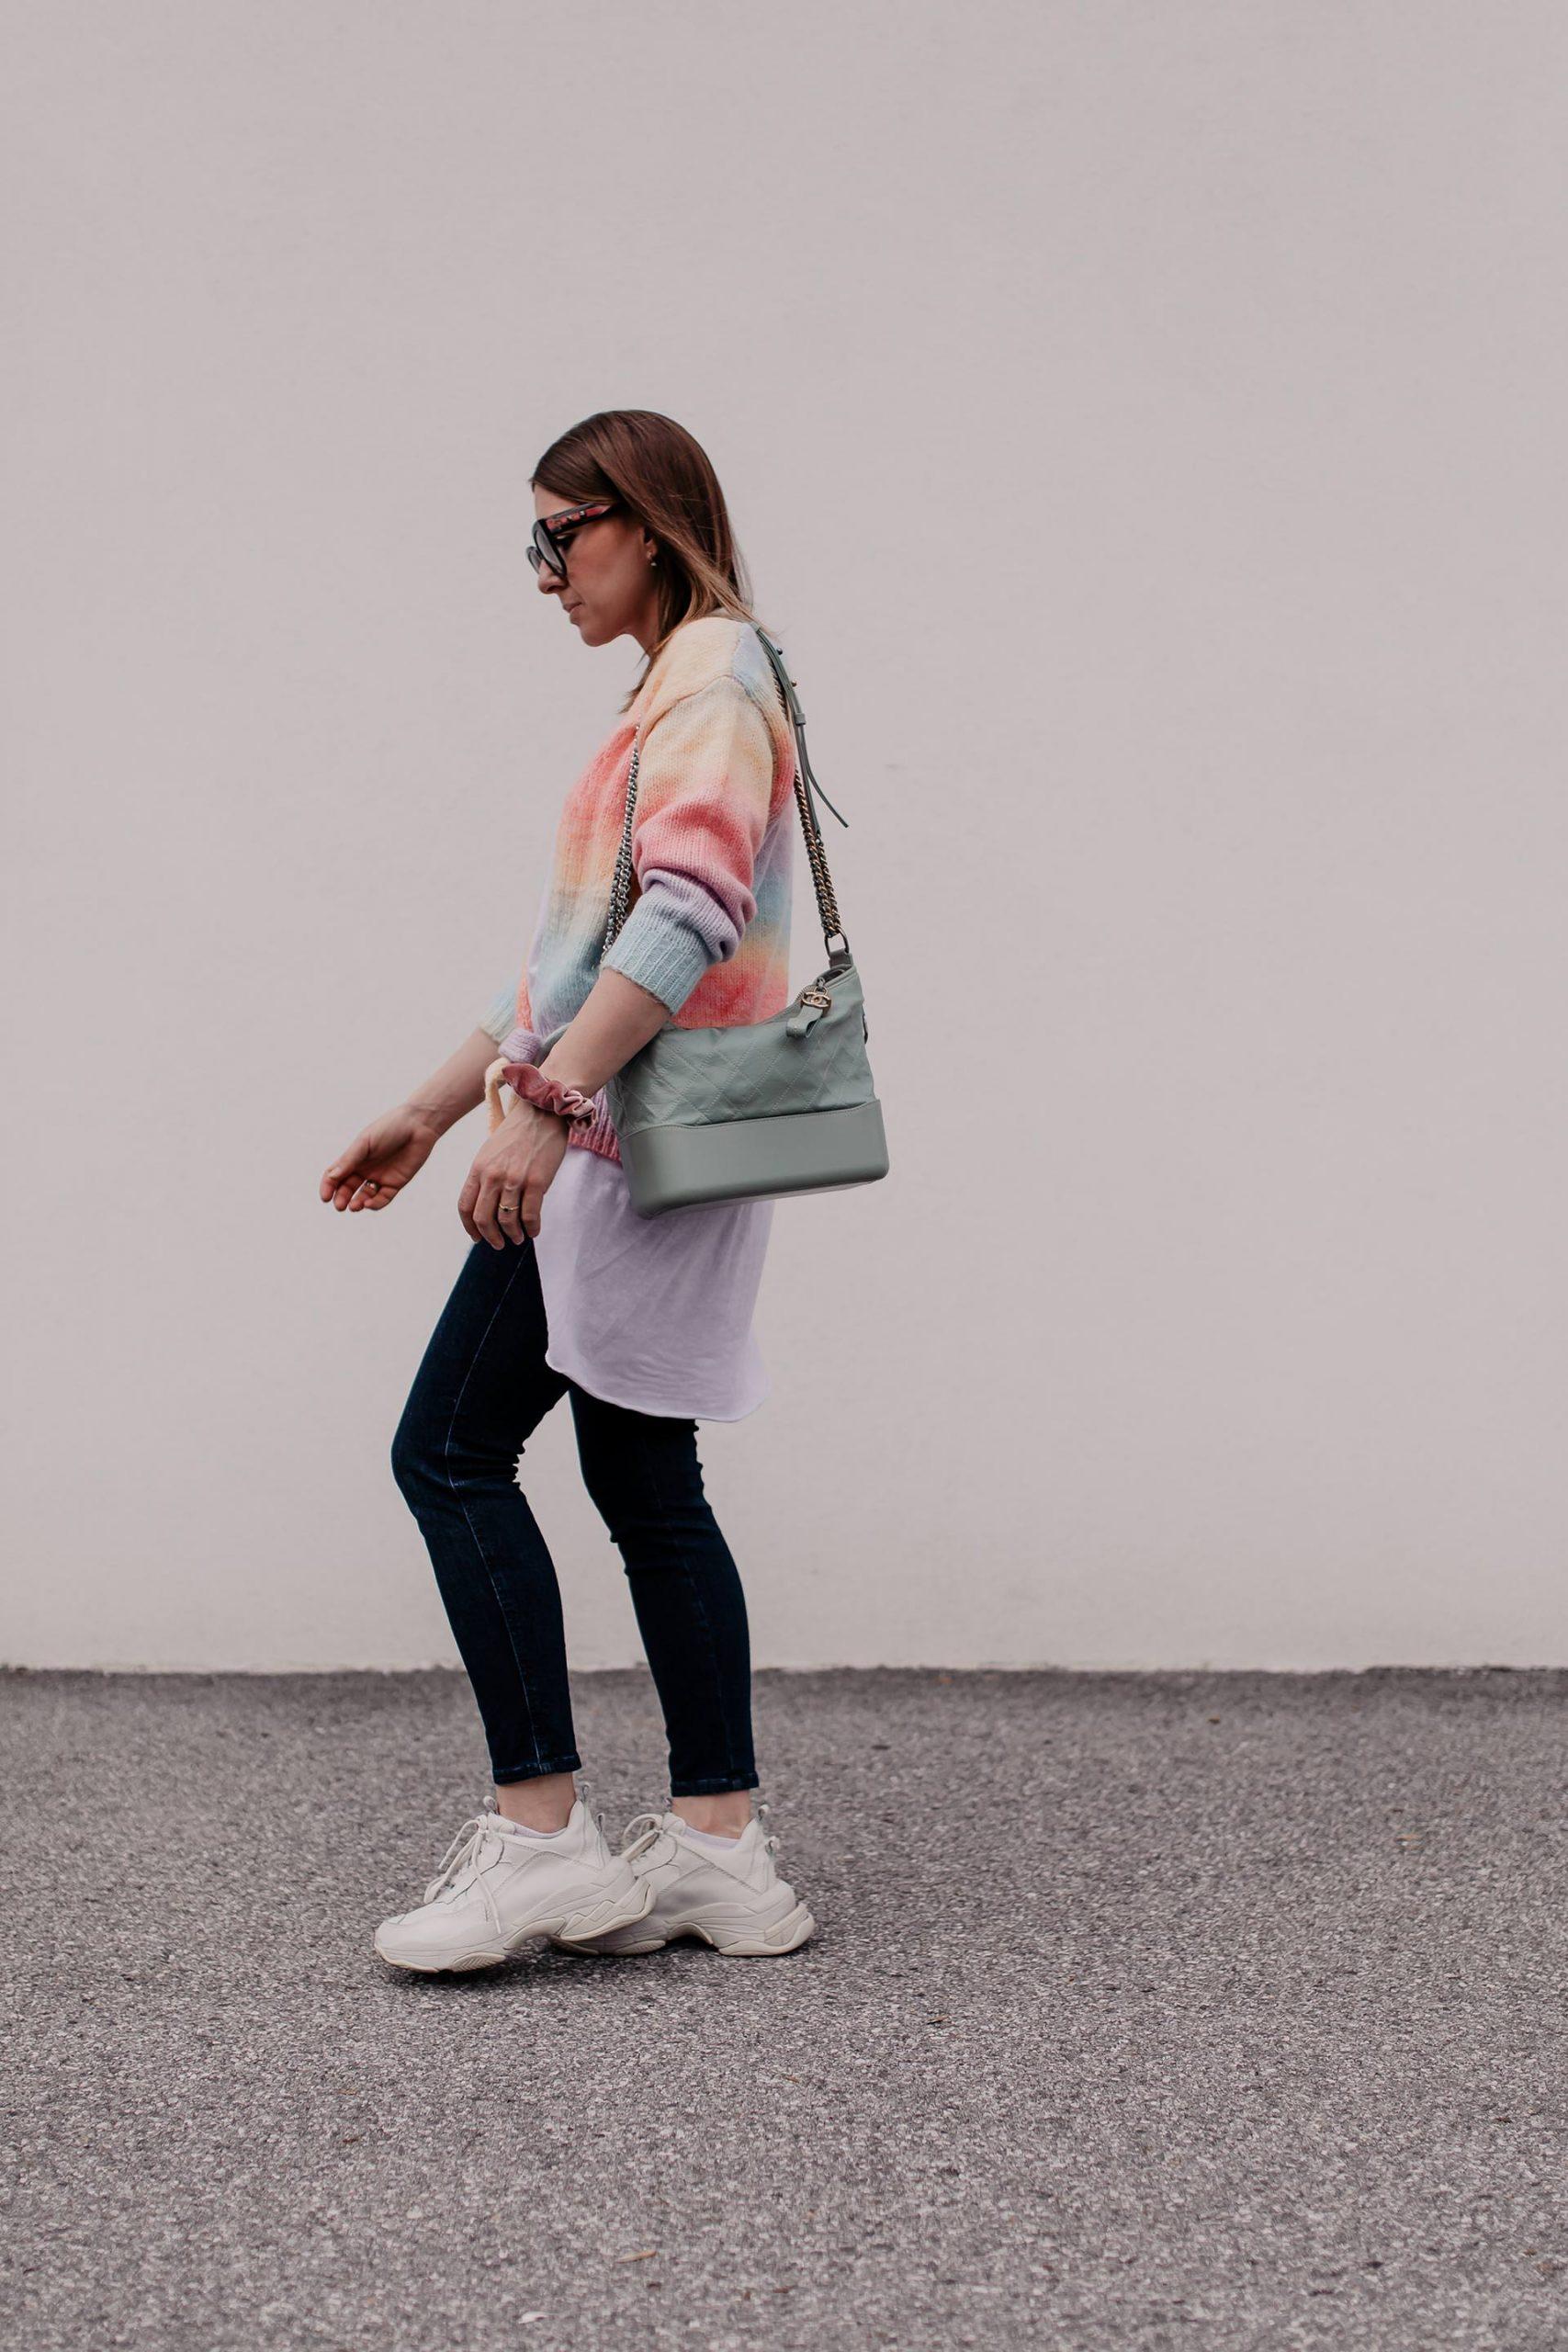 Was ziehe ich morgen an? 5 Frühlingsoutfits für jeden Tag findest du jetzt am Modeblog. www.whoismocca.com